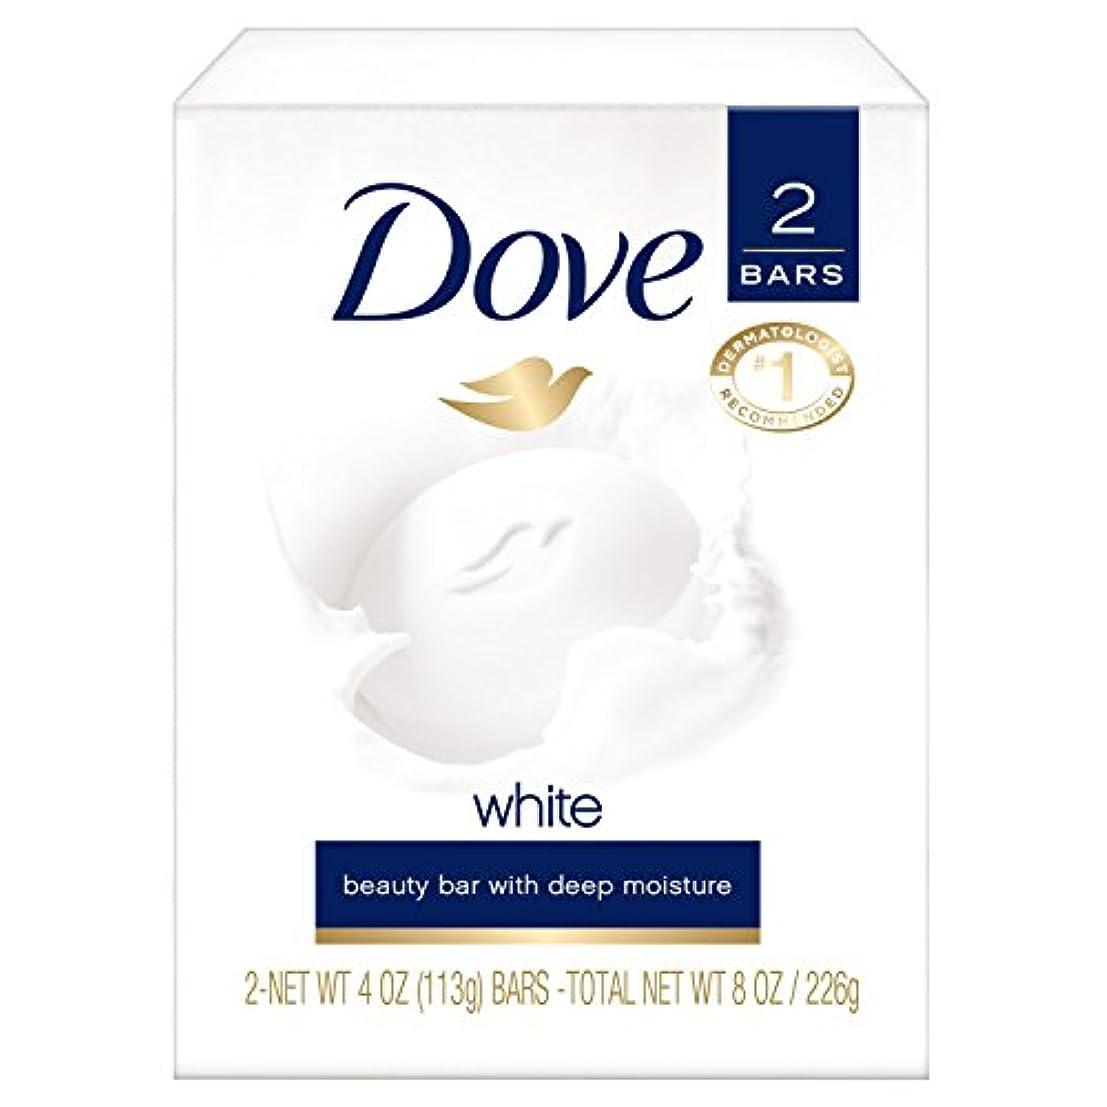 やけど和解する牧師Dove ビューティーバー、白4オンス、2バー